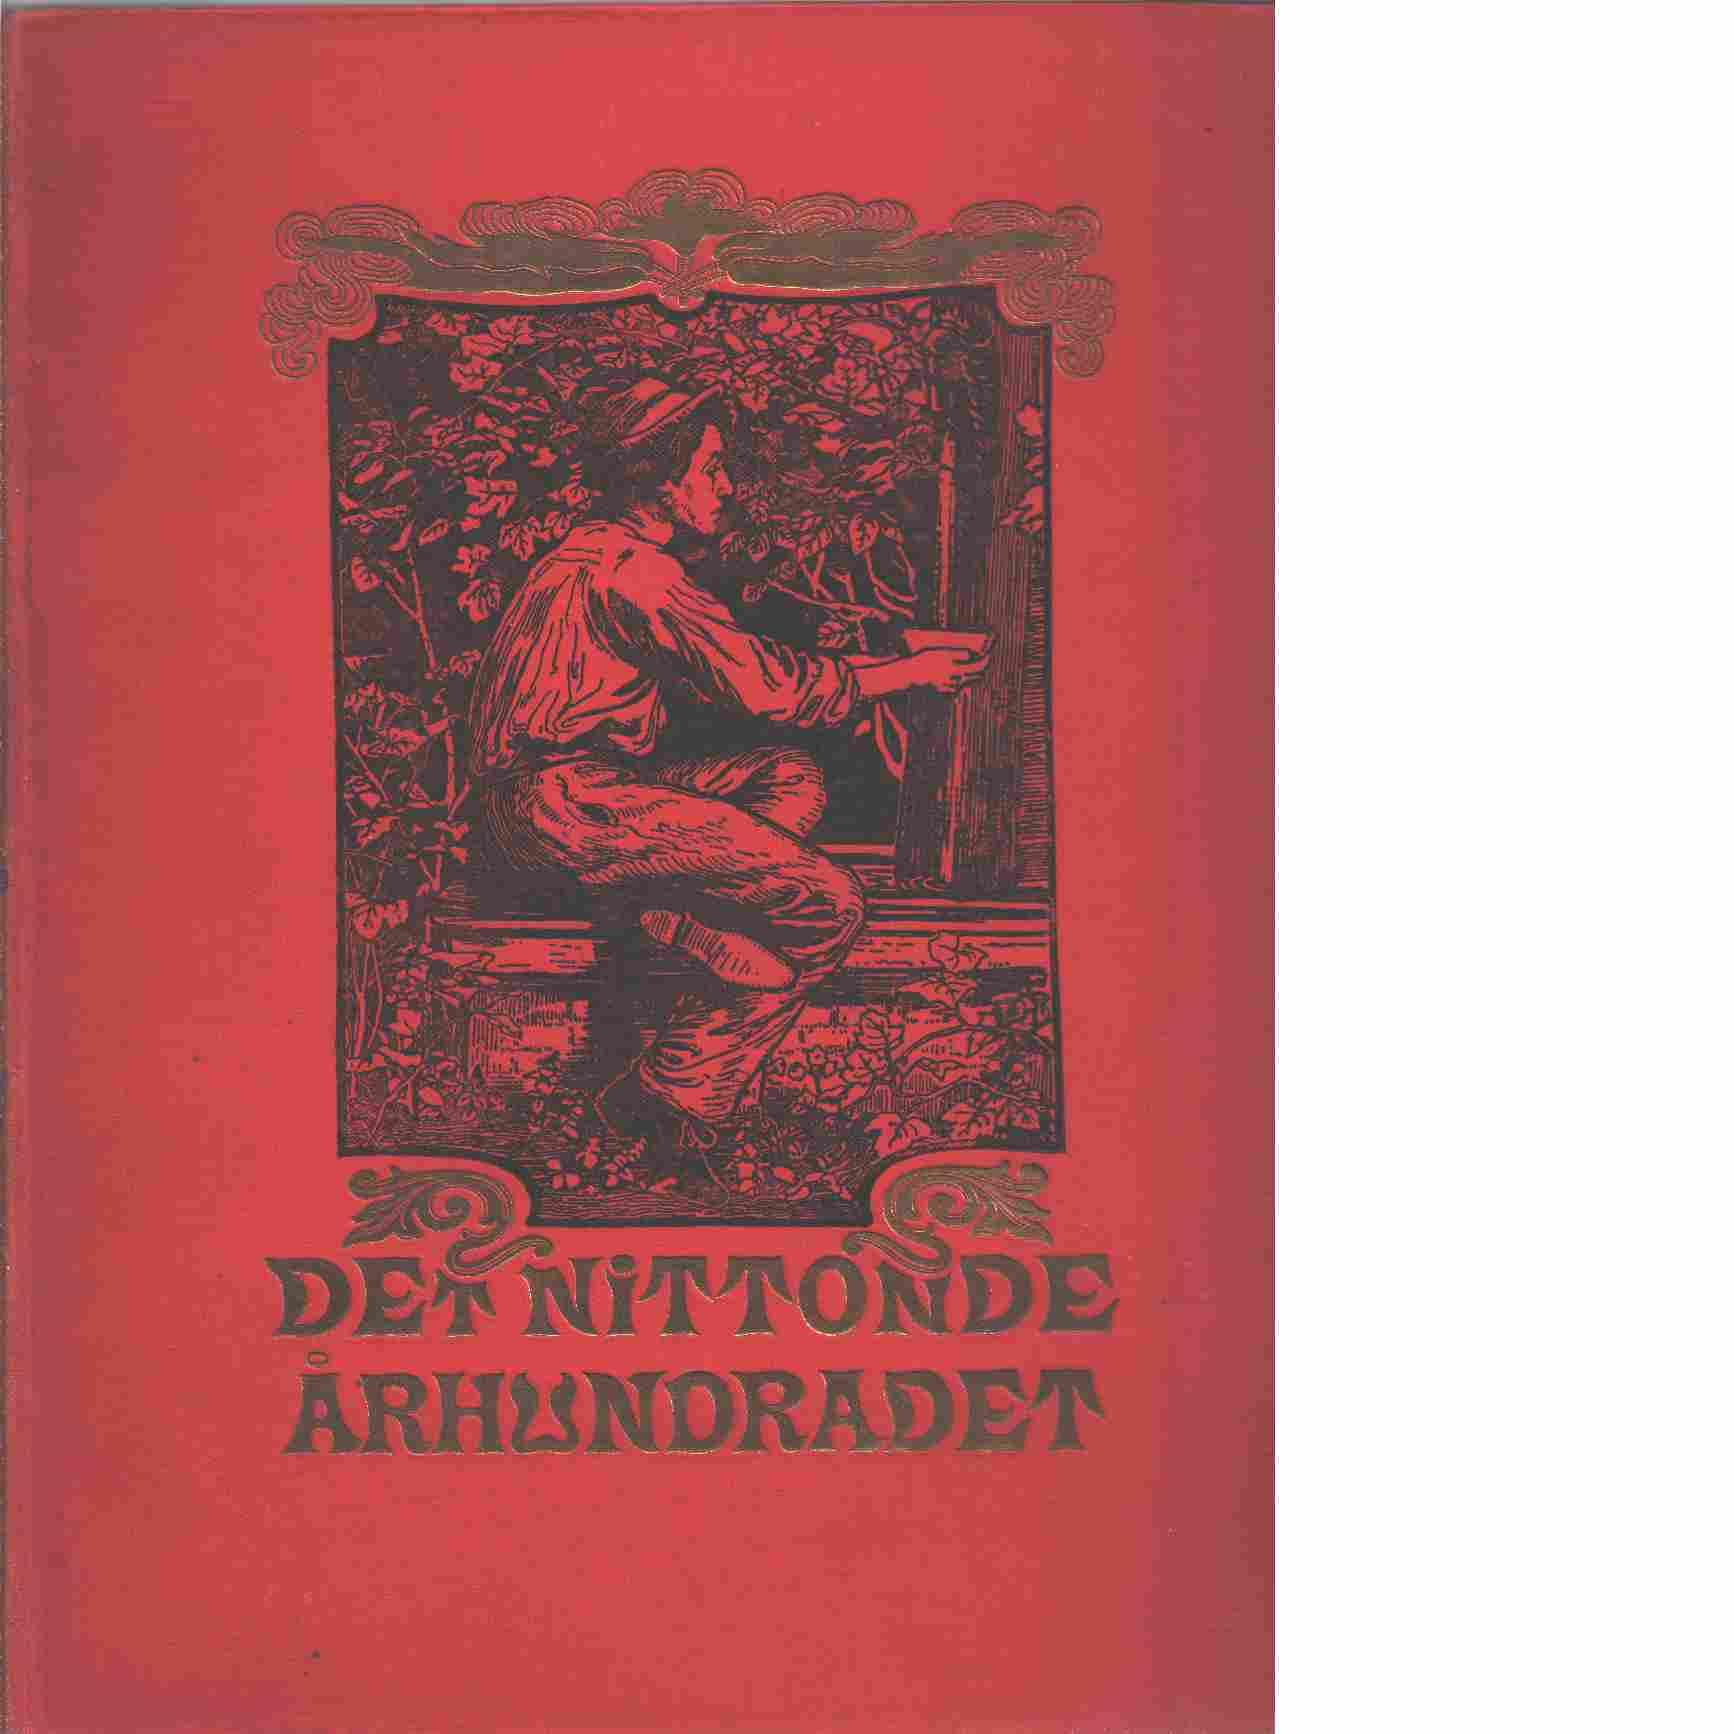 Det nittonde Århundradet - Bering-Liisberg, H. C.  och Clausen, C. C.